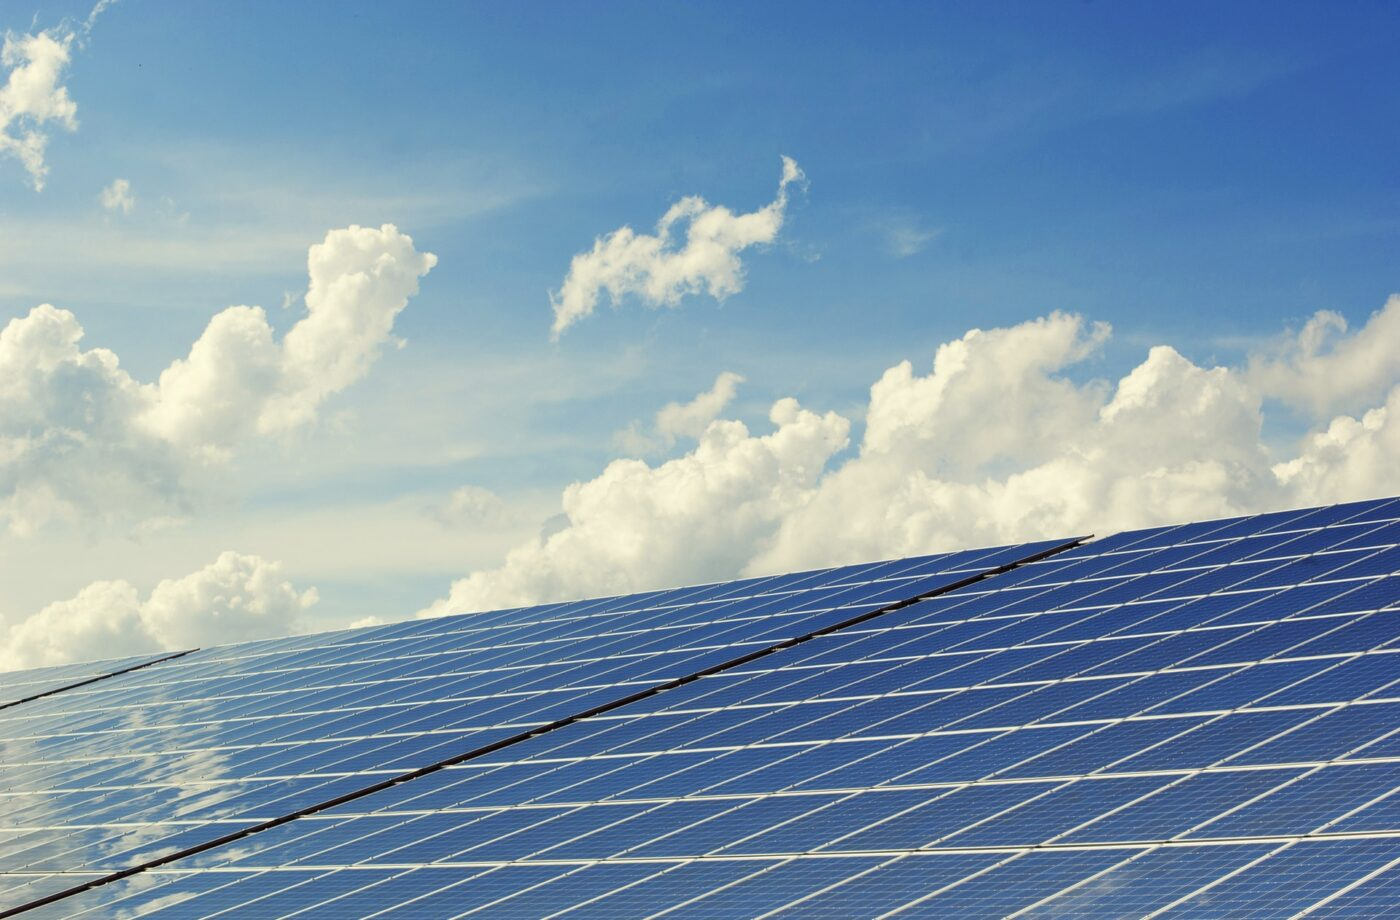 Ασφάλιση Φωτοβολταϊκών Στέγης & Φωτοβολταϊκών Πάρκων